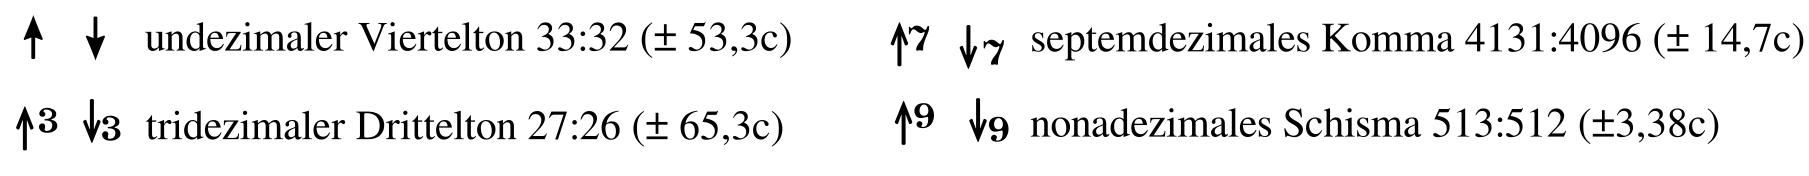 1Intevalle zwischen dem 1 und 19 ohne sonderzeichen Kopiepng